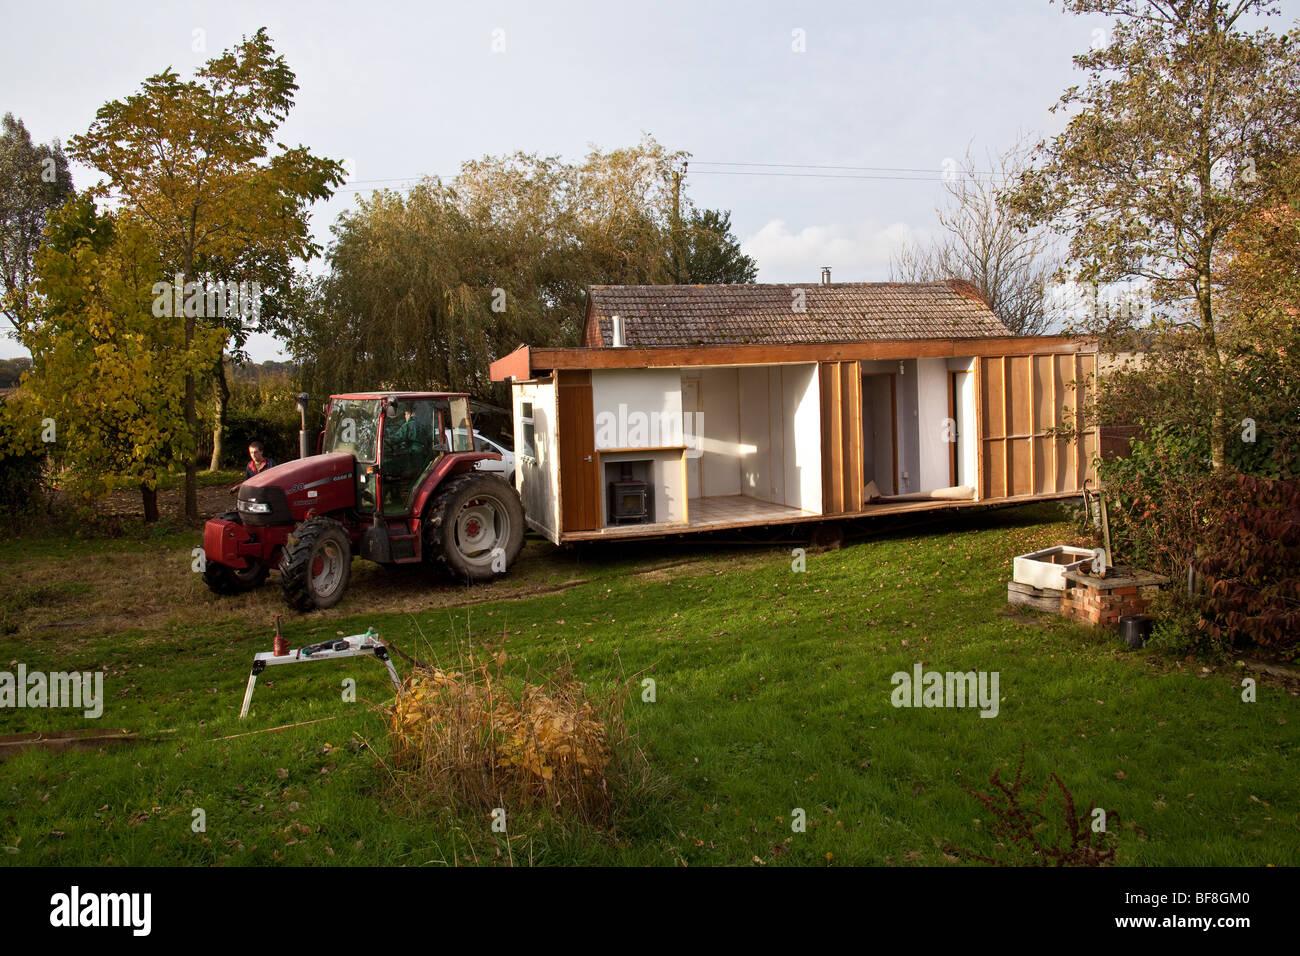 Mobilheim Mieten Cornwall : Mobilheim mieten england wohn mobilheim park im südosten englands